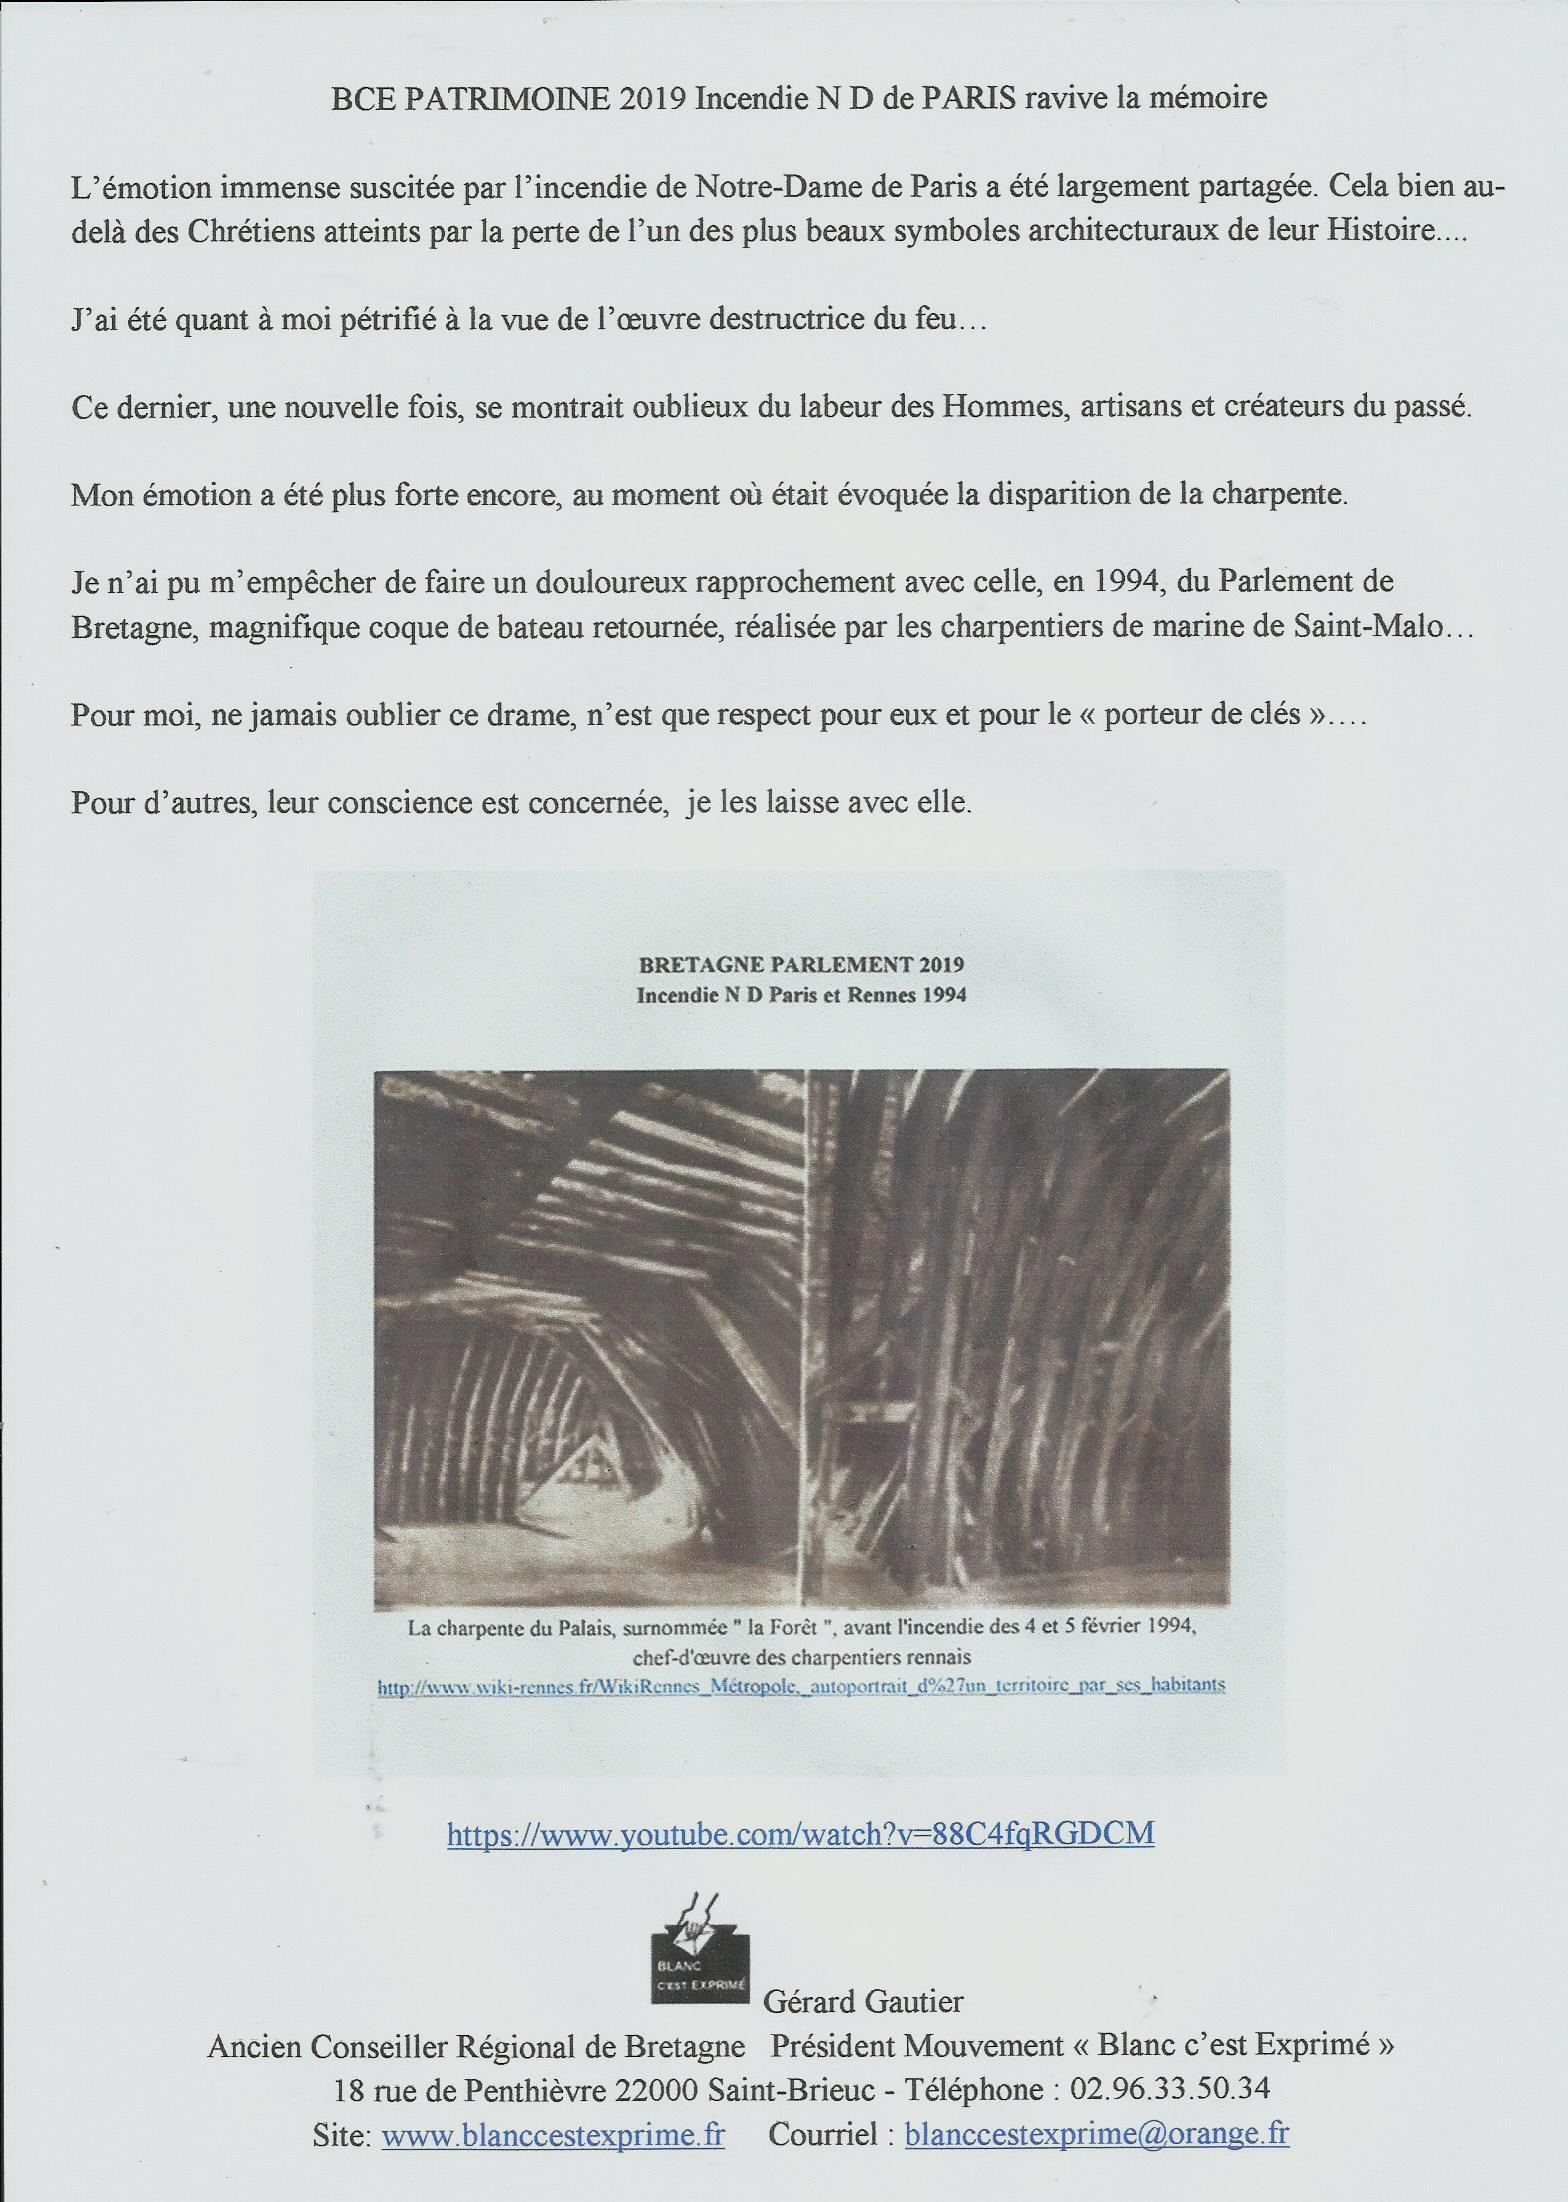 bce patrimoine 2019 INCENDIE N D de PARIS ravive la mémoire